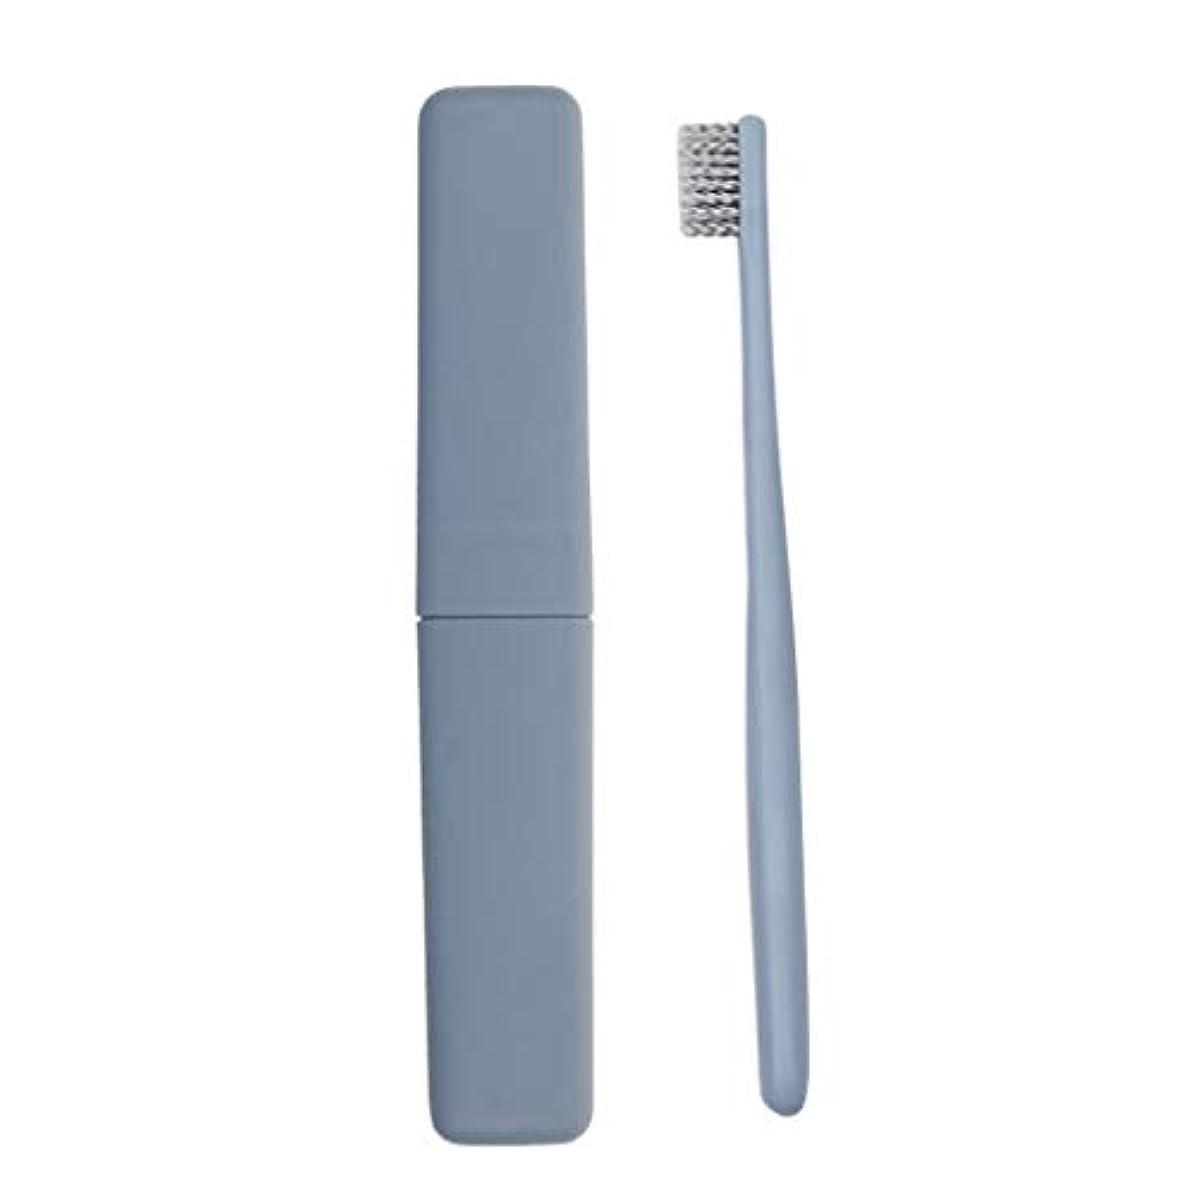 通行人ノイズ回転12パック手動歯ブラシソフトアダルトディープクリーニング歯ブラシカバー旅行ポータブル使い捨て歯ブラシ (色 : 青)